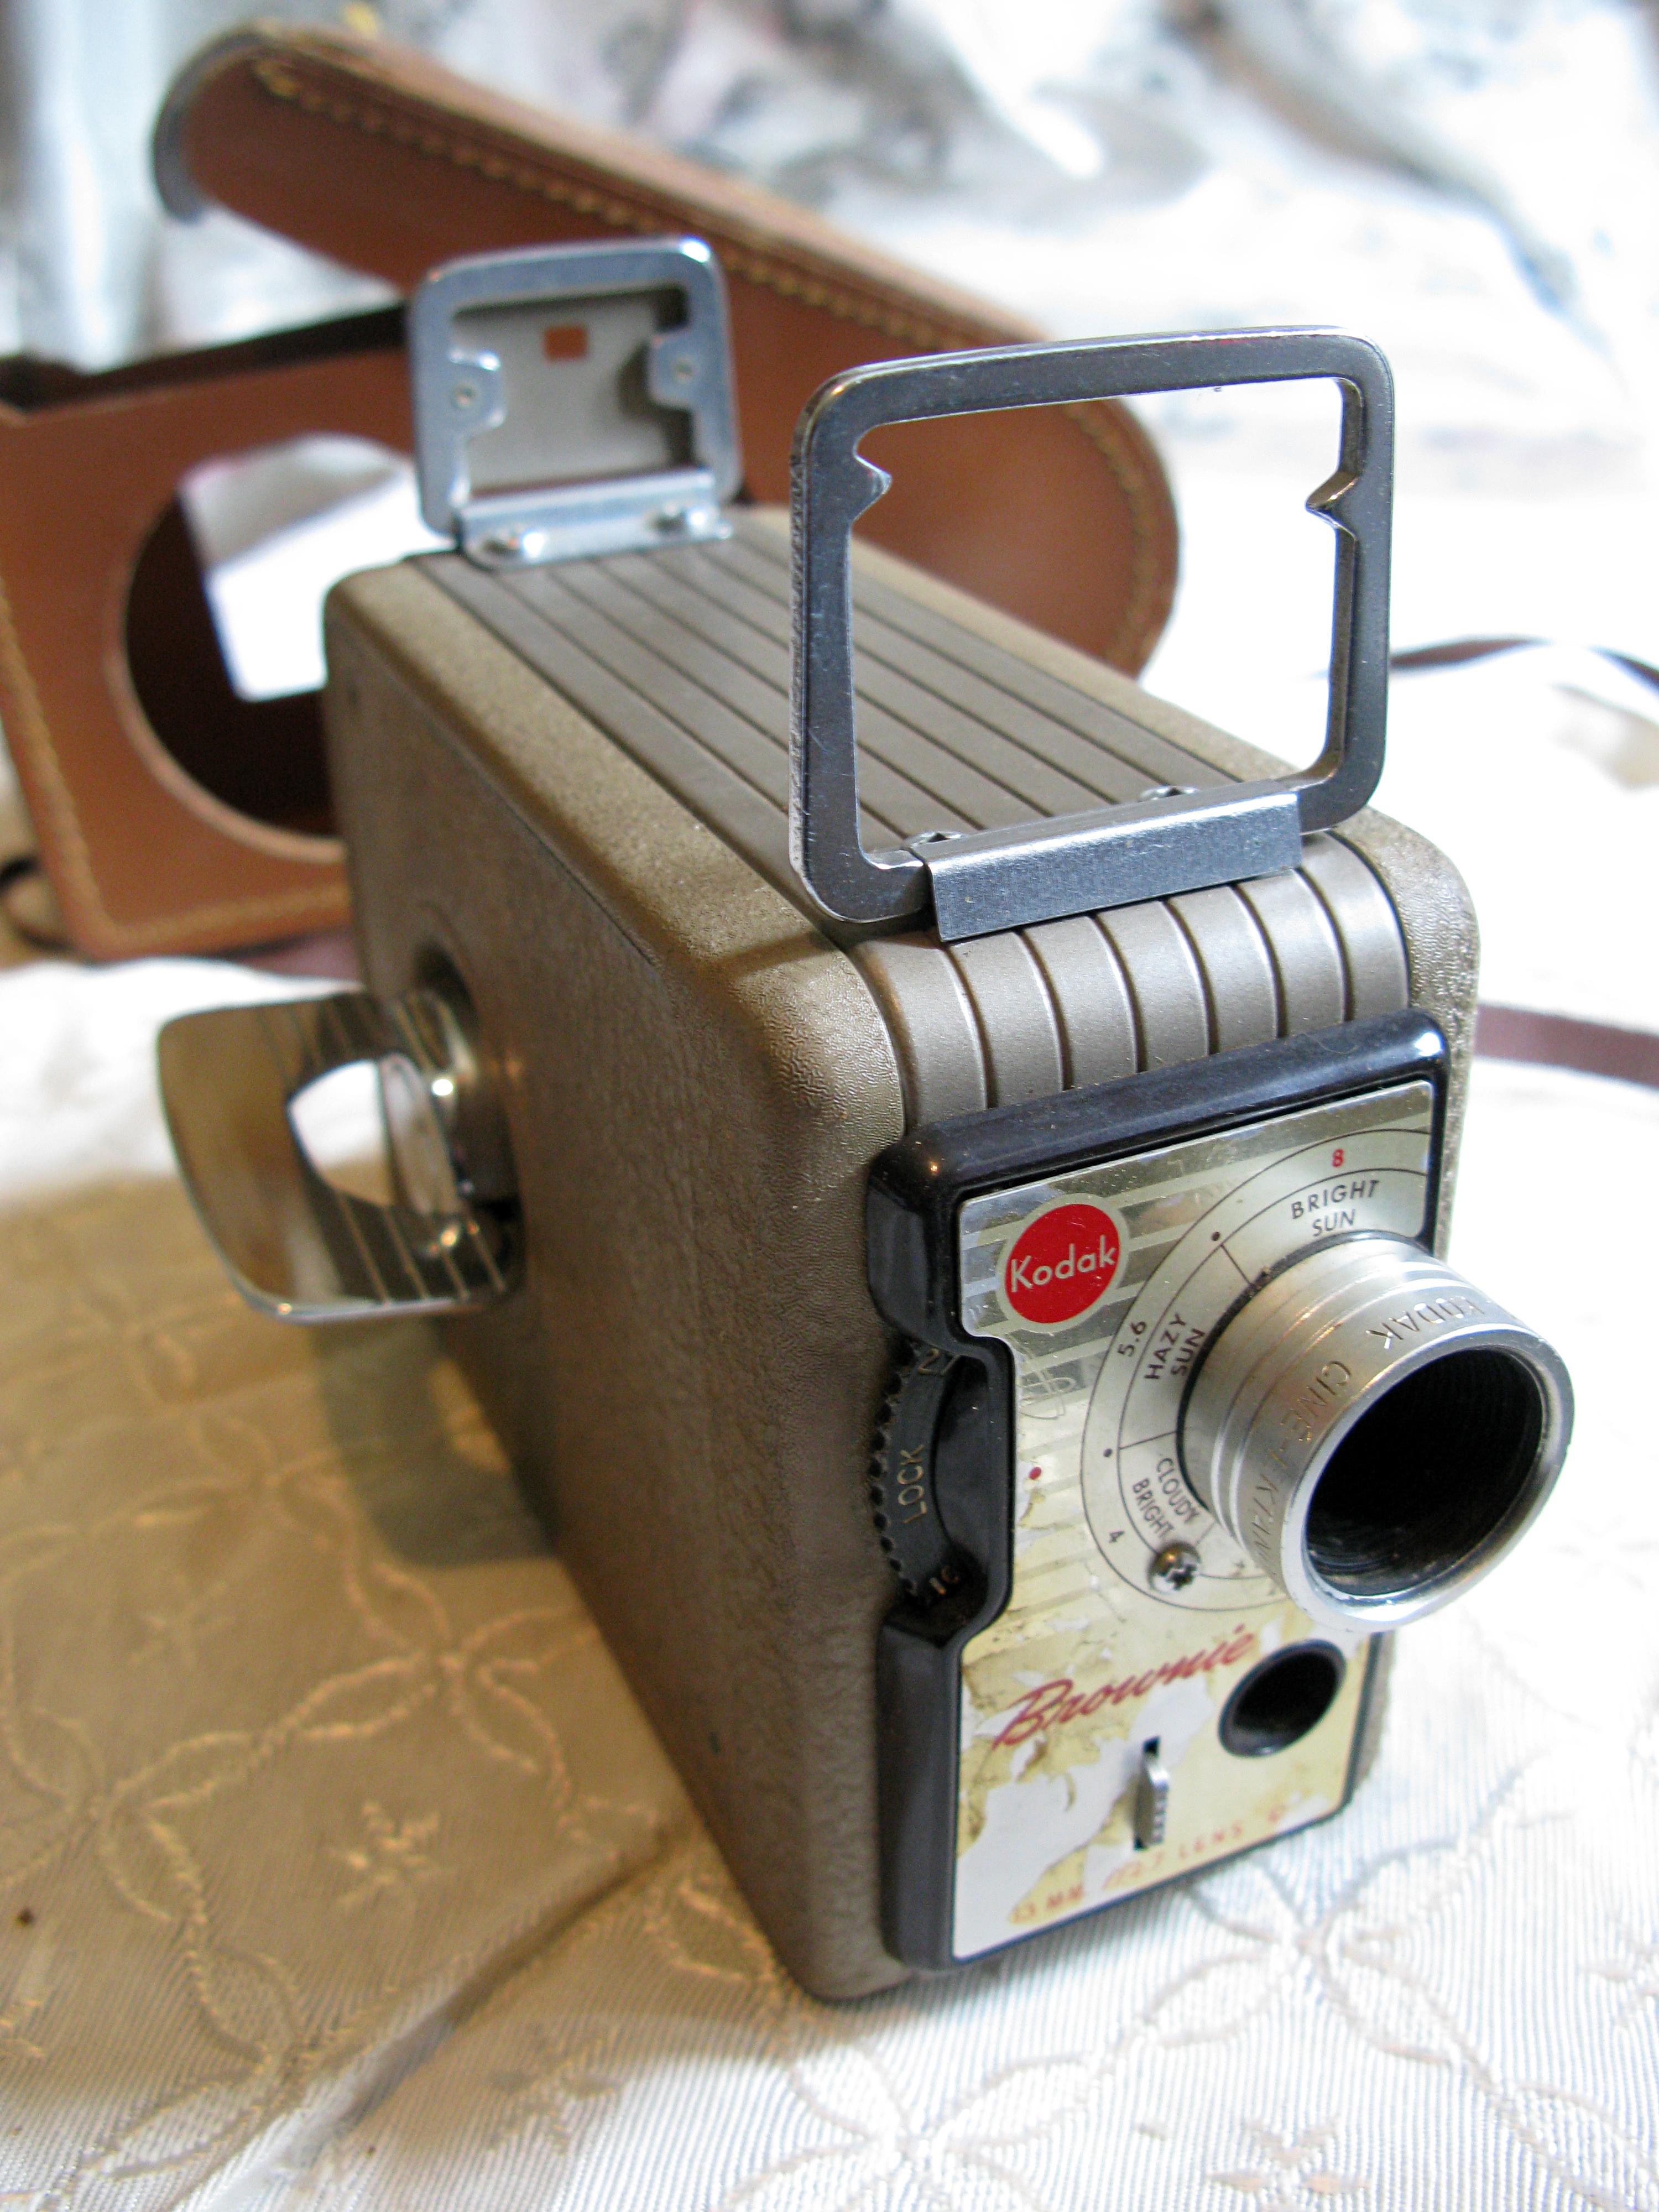 Kodak, Brownie 8mm Movie Camera w/13 mm f2 7 Cine Ektanon